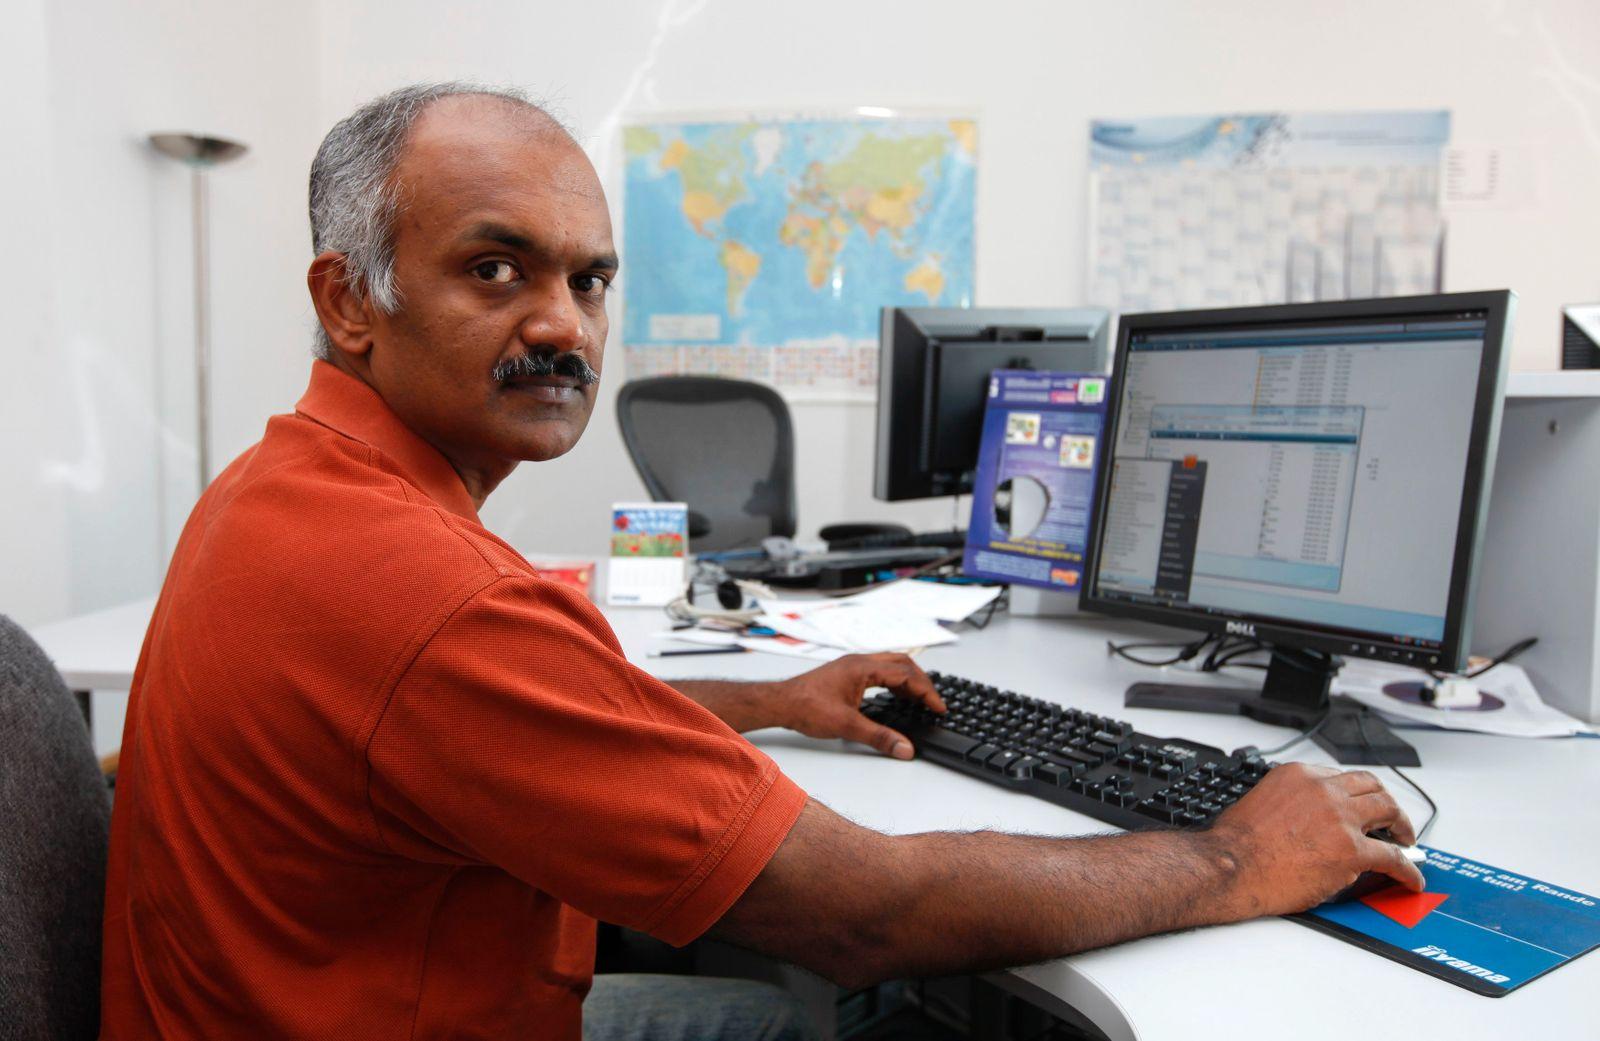 Deutschland/ Programmierer Indien